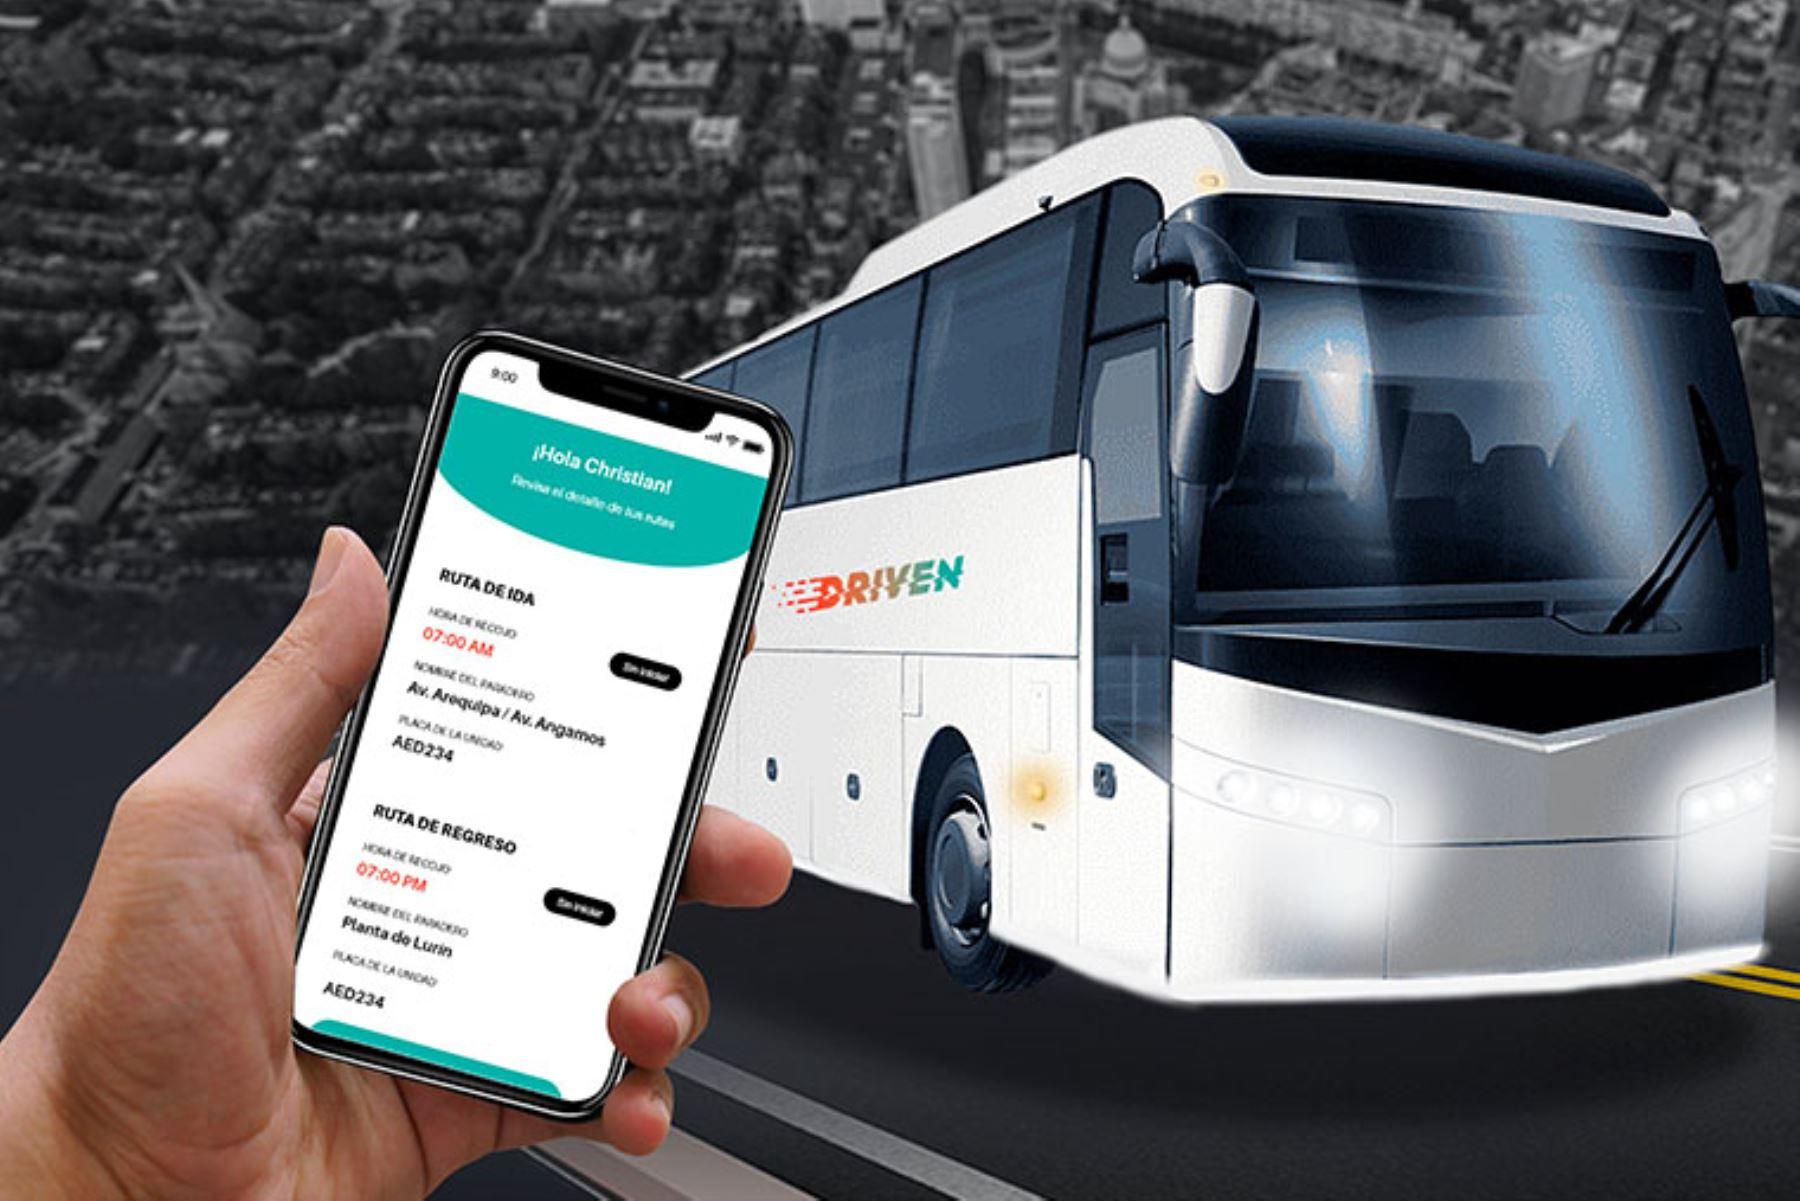 Driven usa tecnología para que los colaboradores puedan rastrear al conductor en tiempo real y comunicarse con él